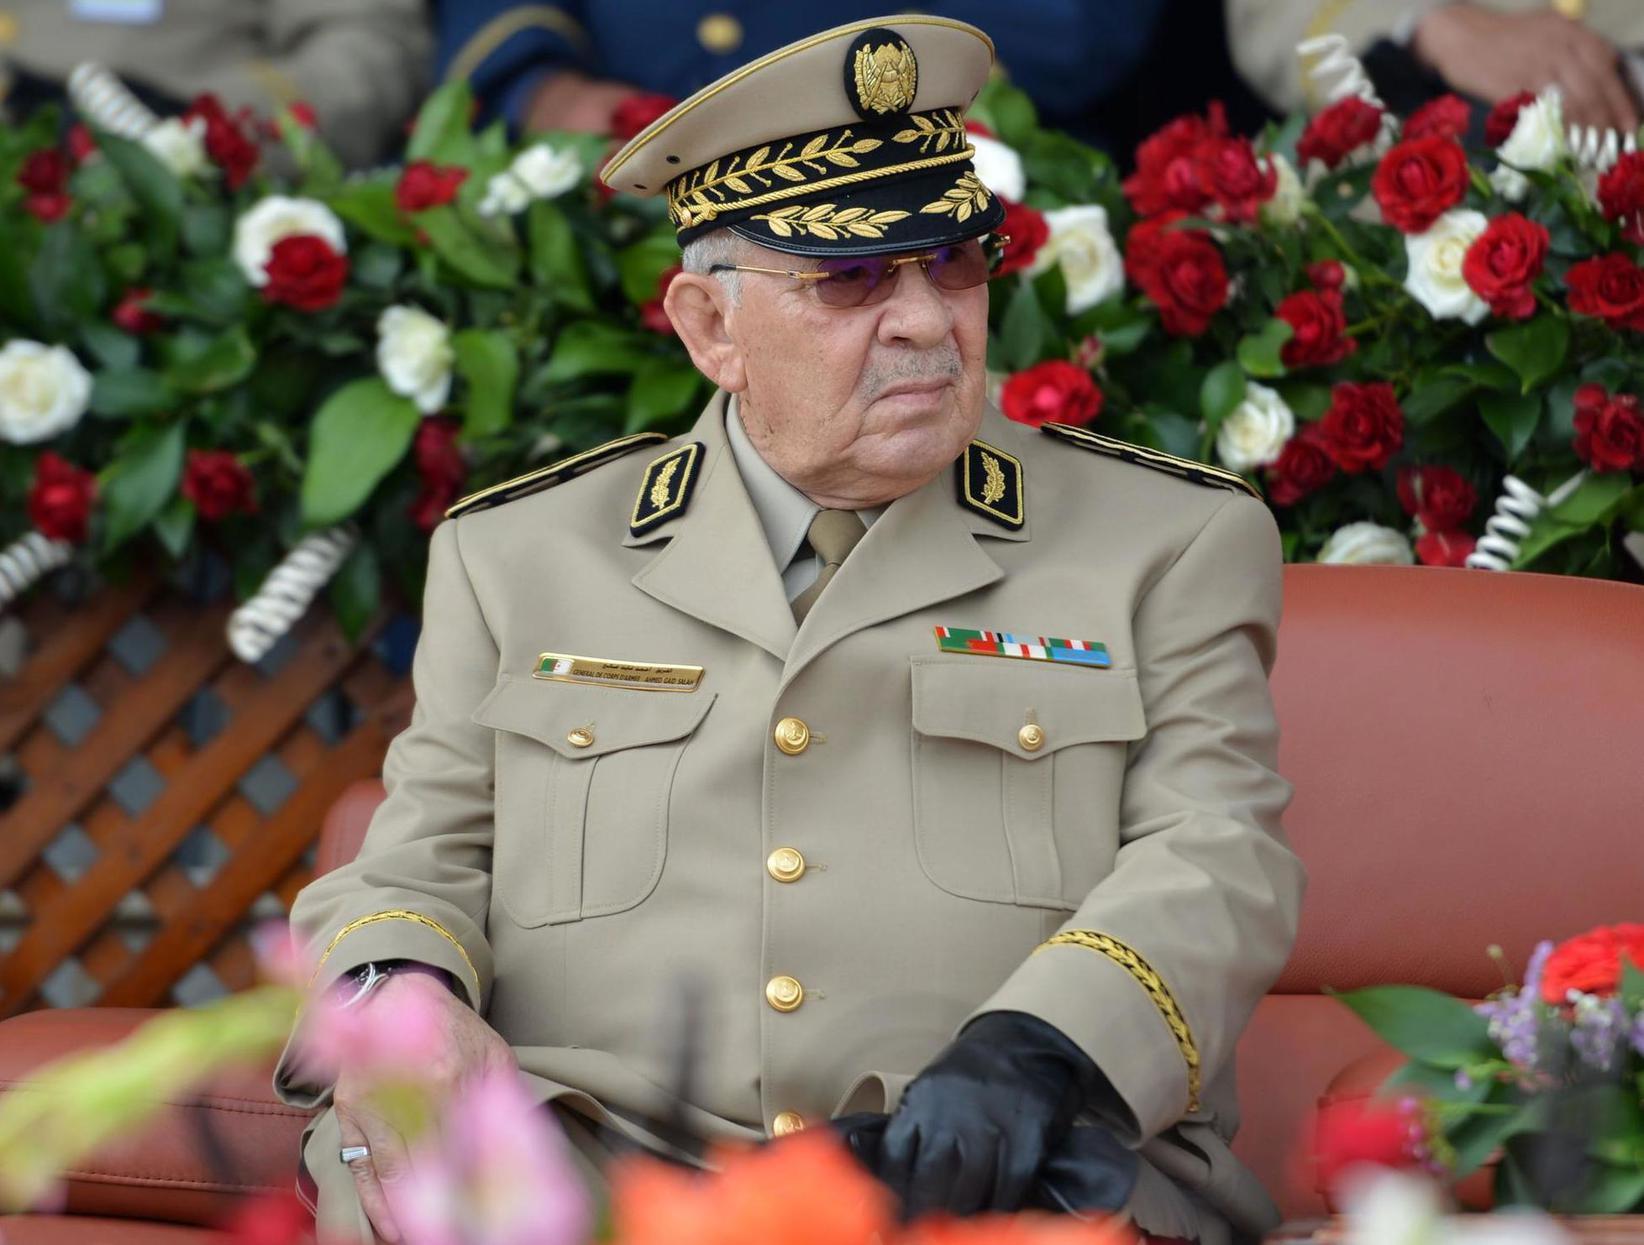 Philippe Martinat